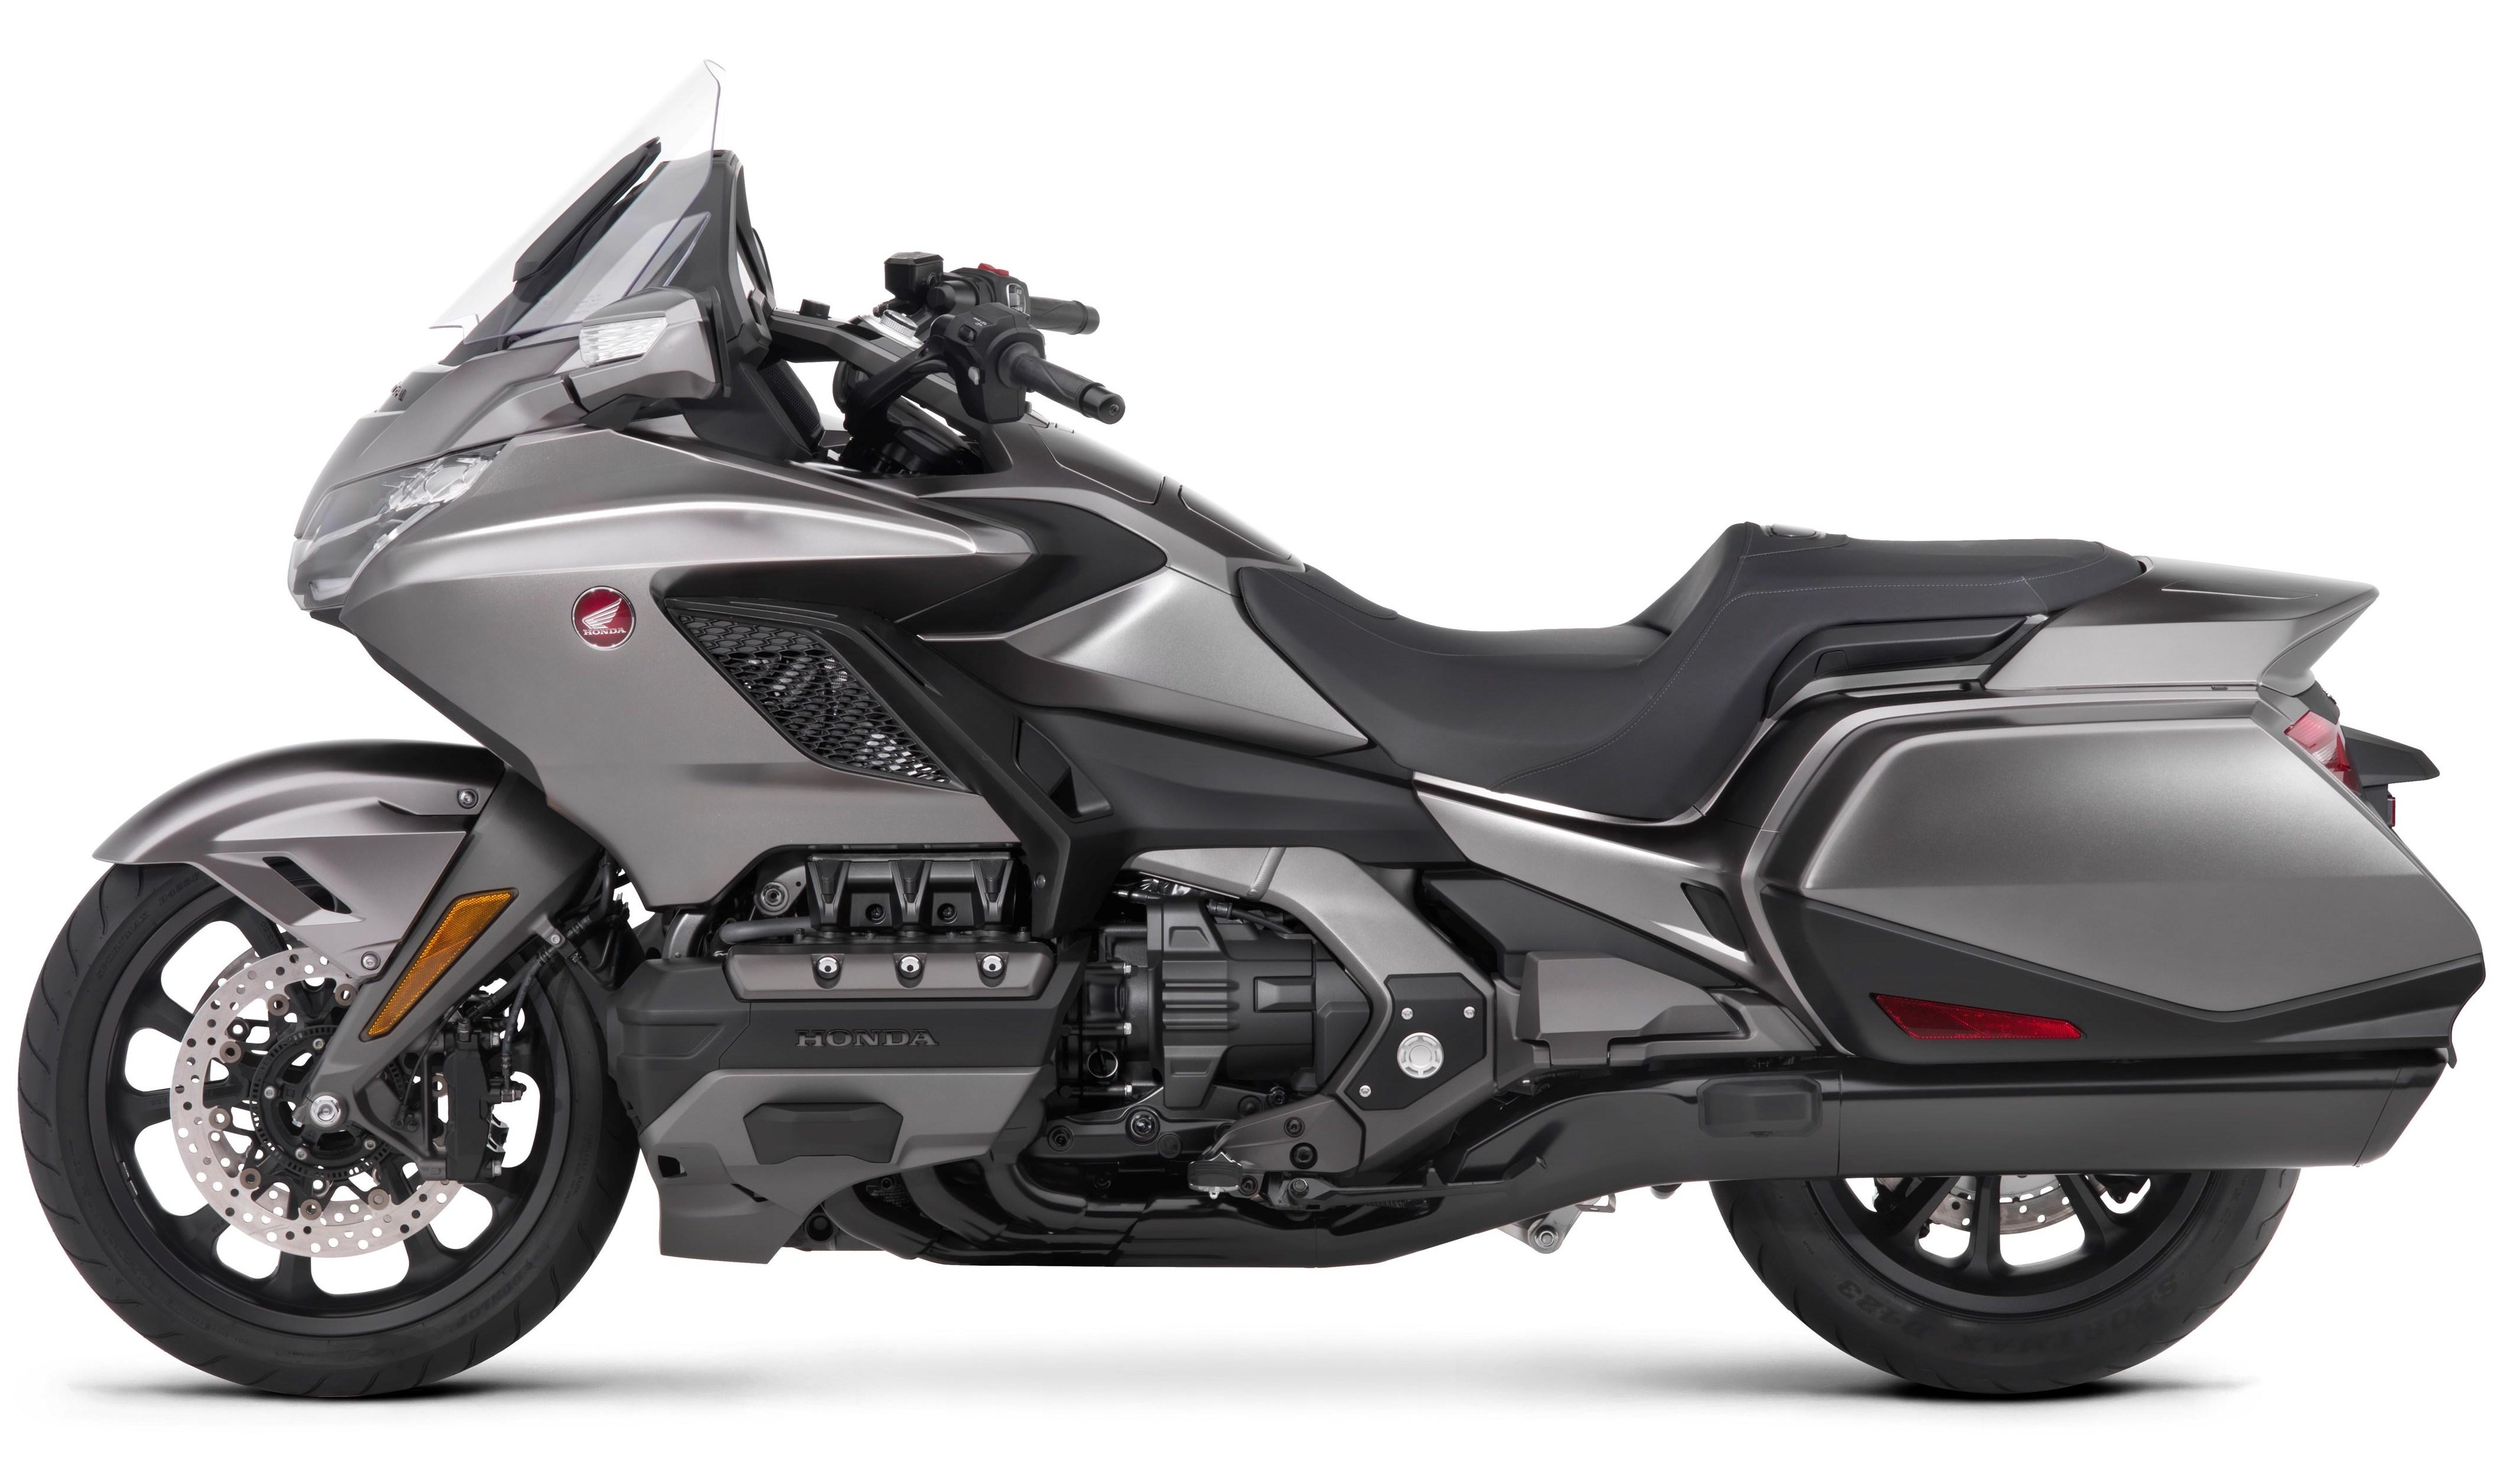 2018 Honda Goldwing revealed – 1,833 cc, RM99.5k Image 727855